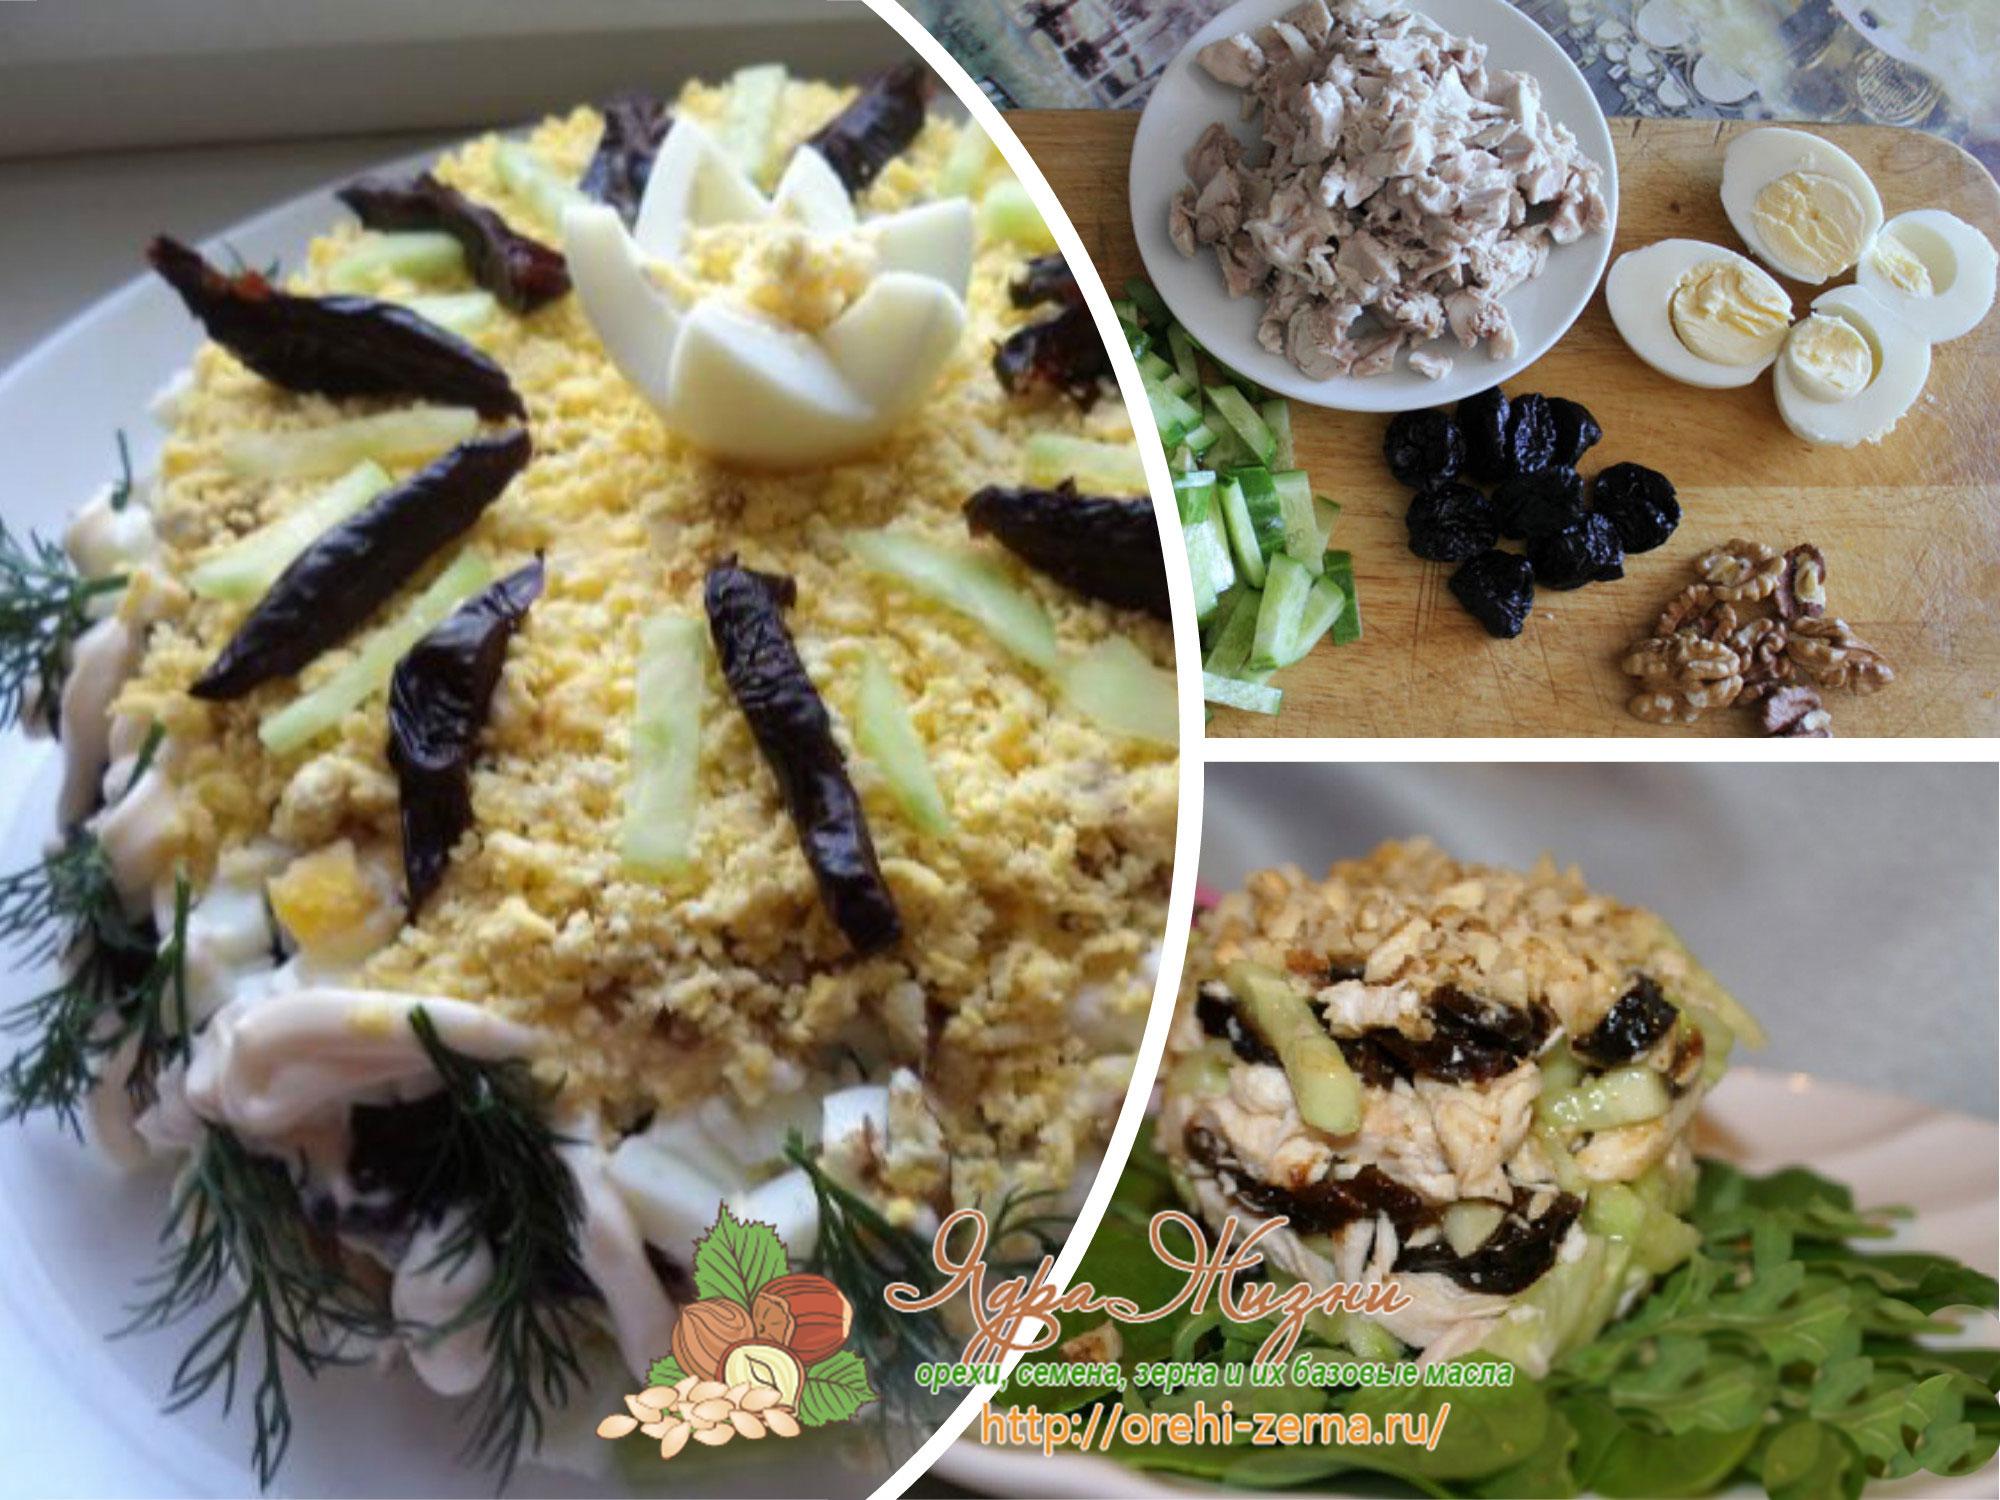 Салат Нежность с черносливом и орехами